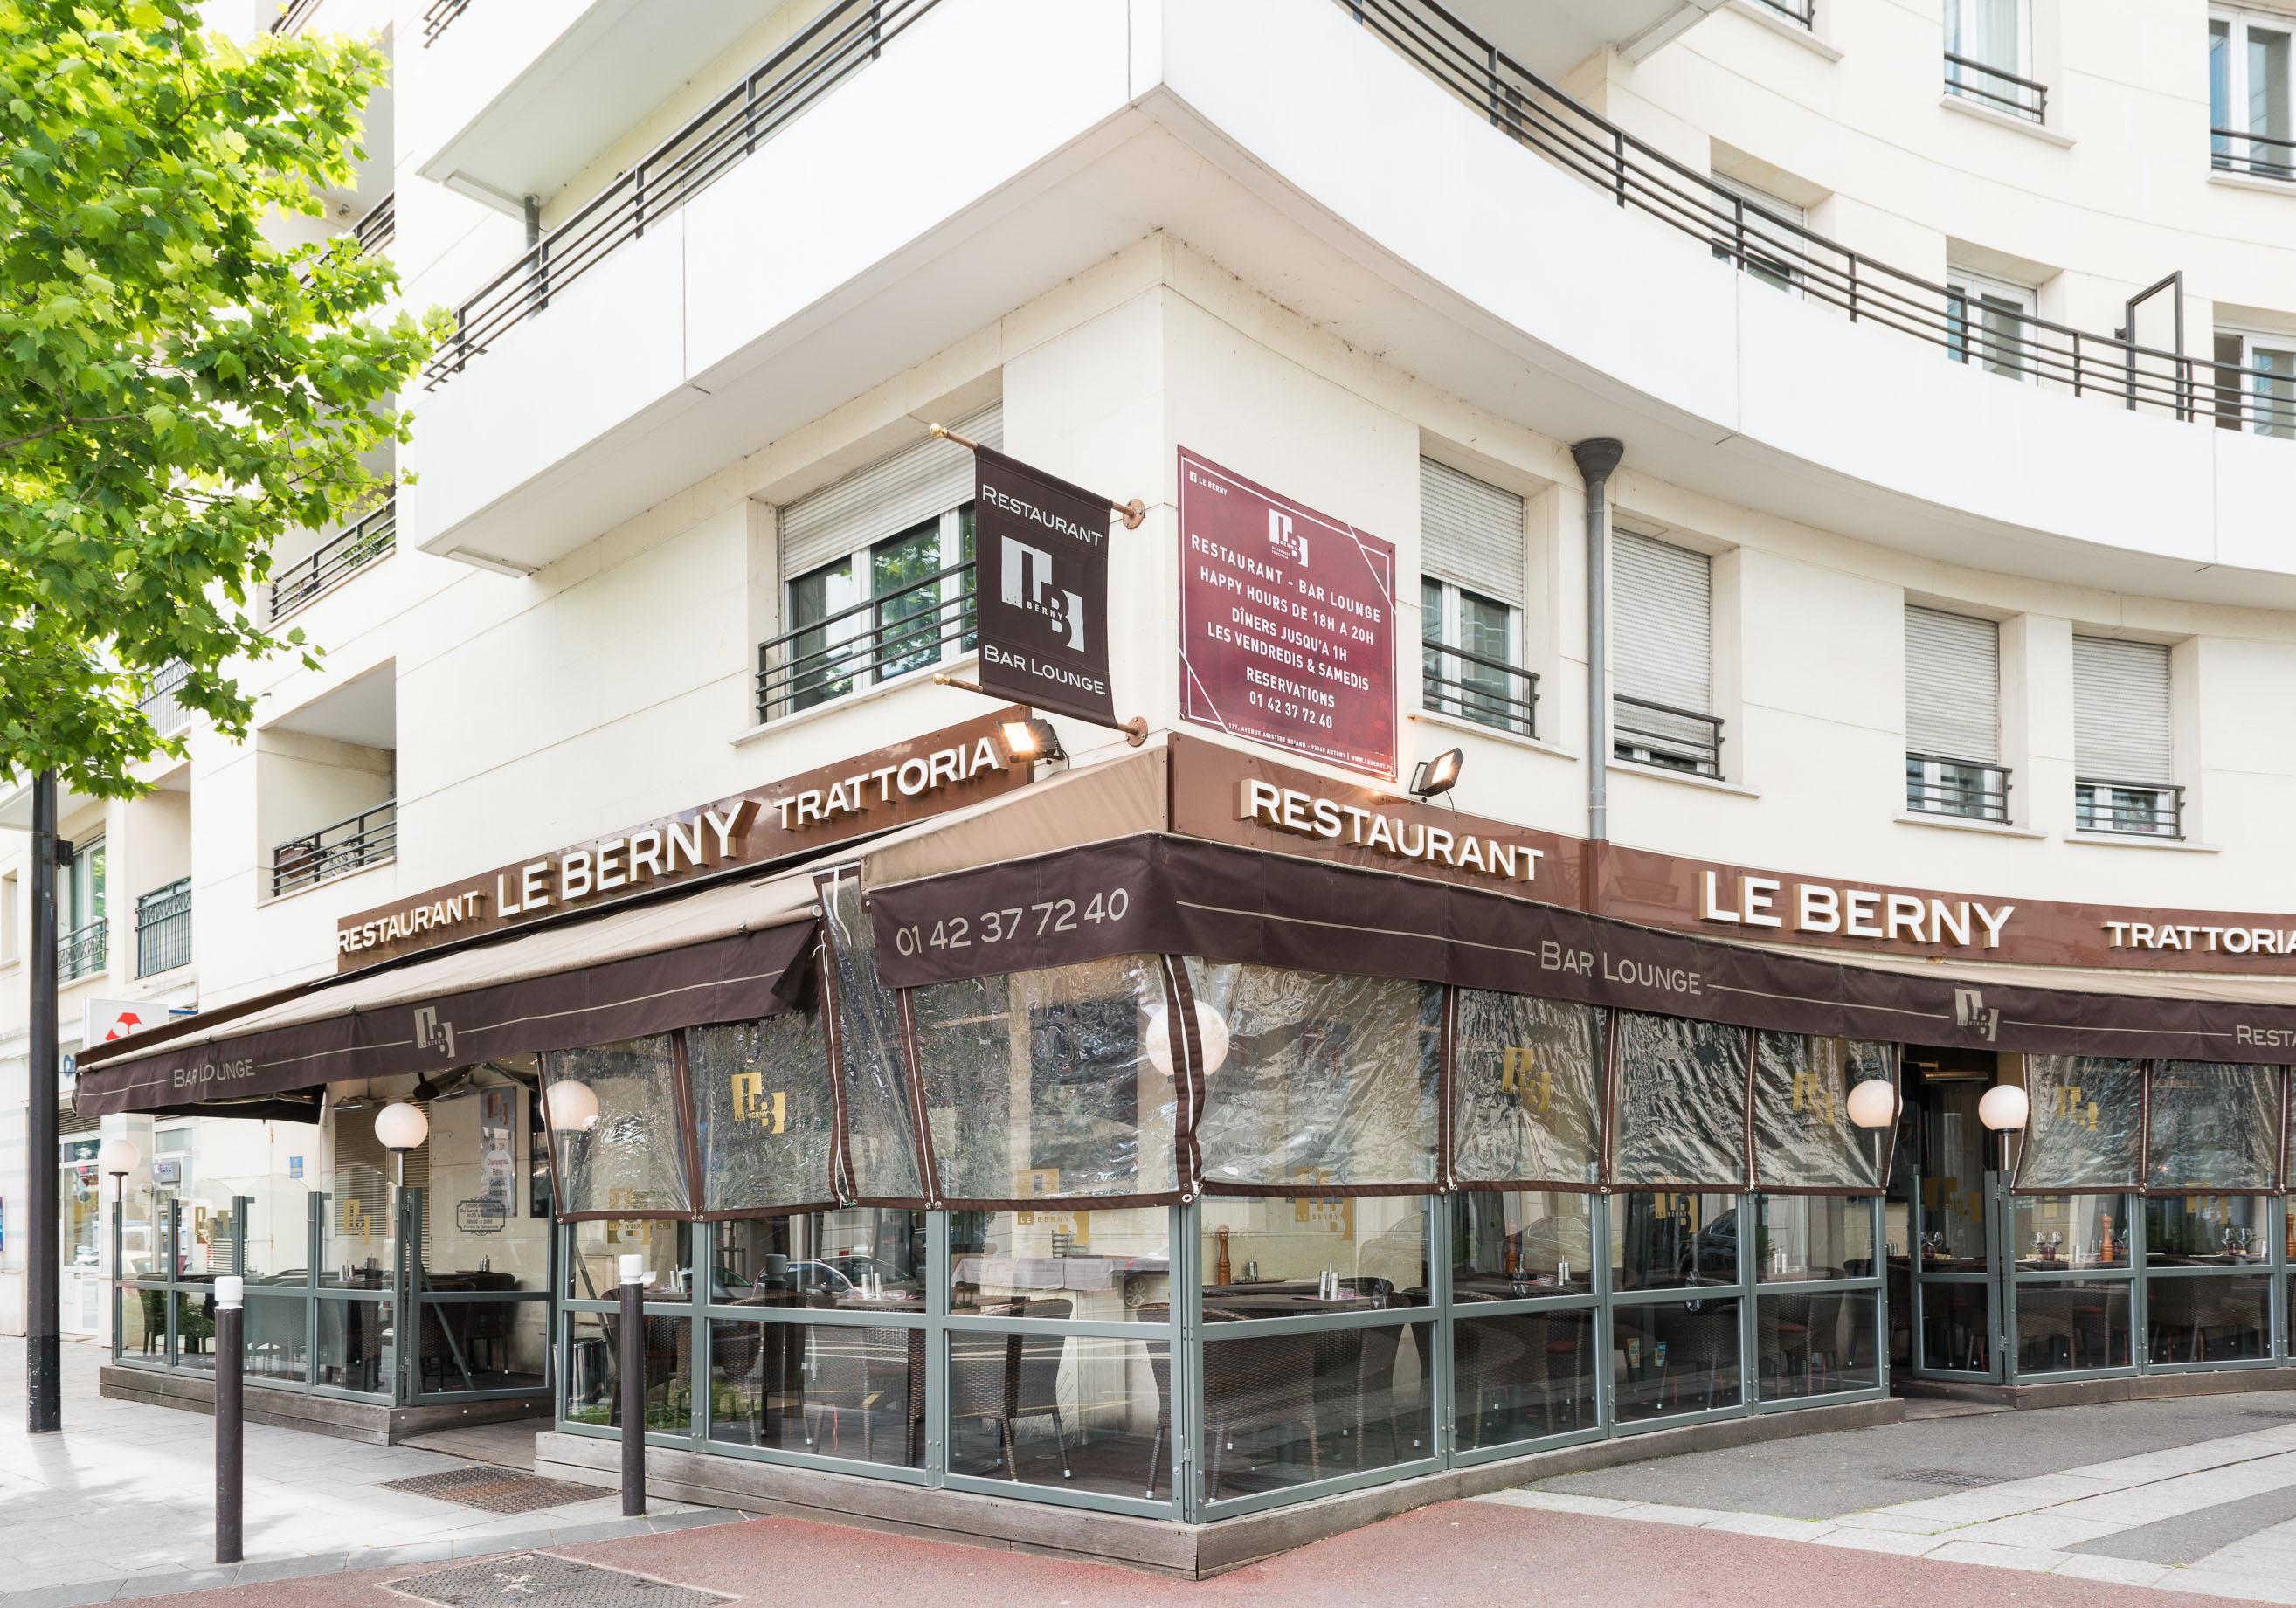 Restaurant ·Le Berny Antony 92